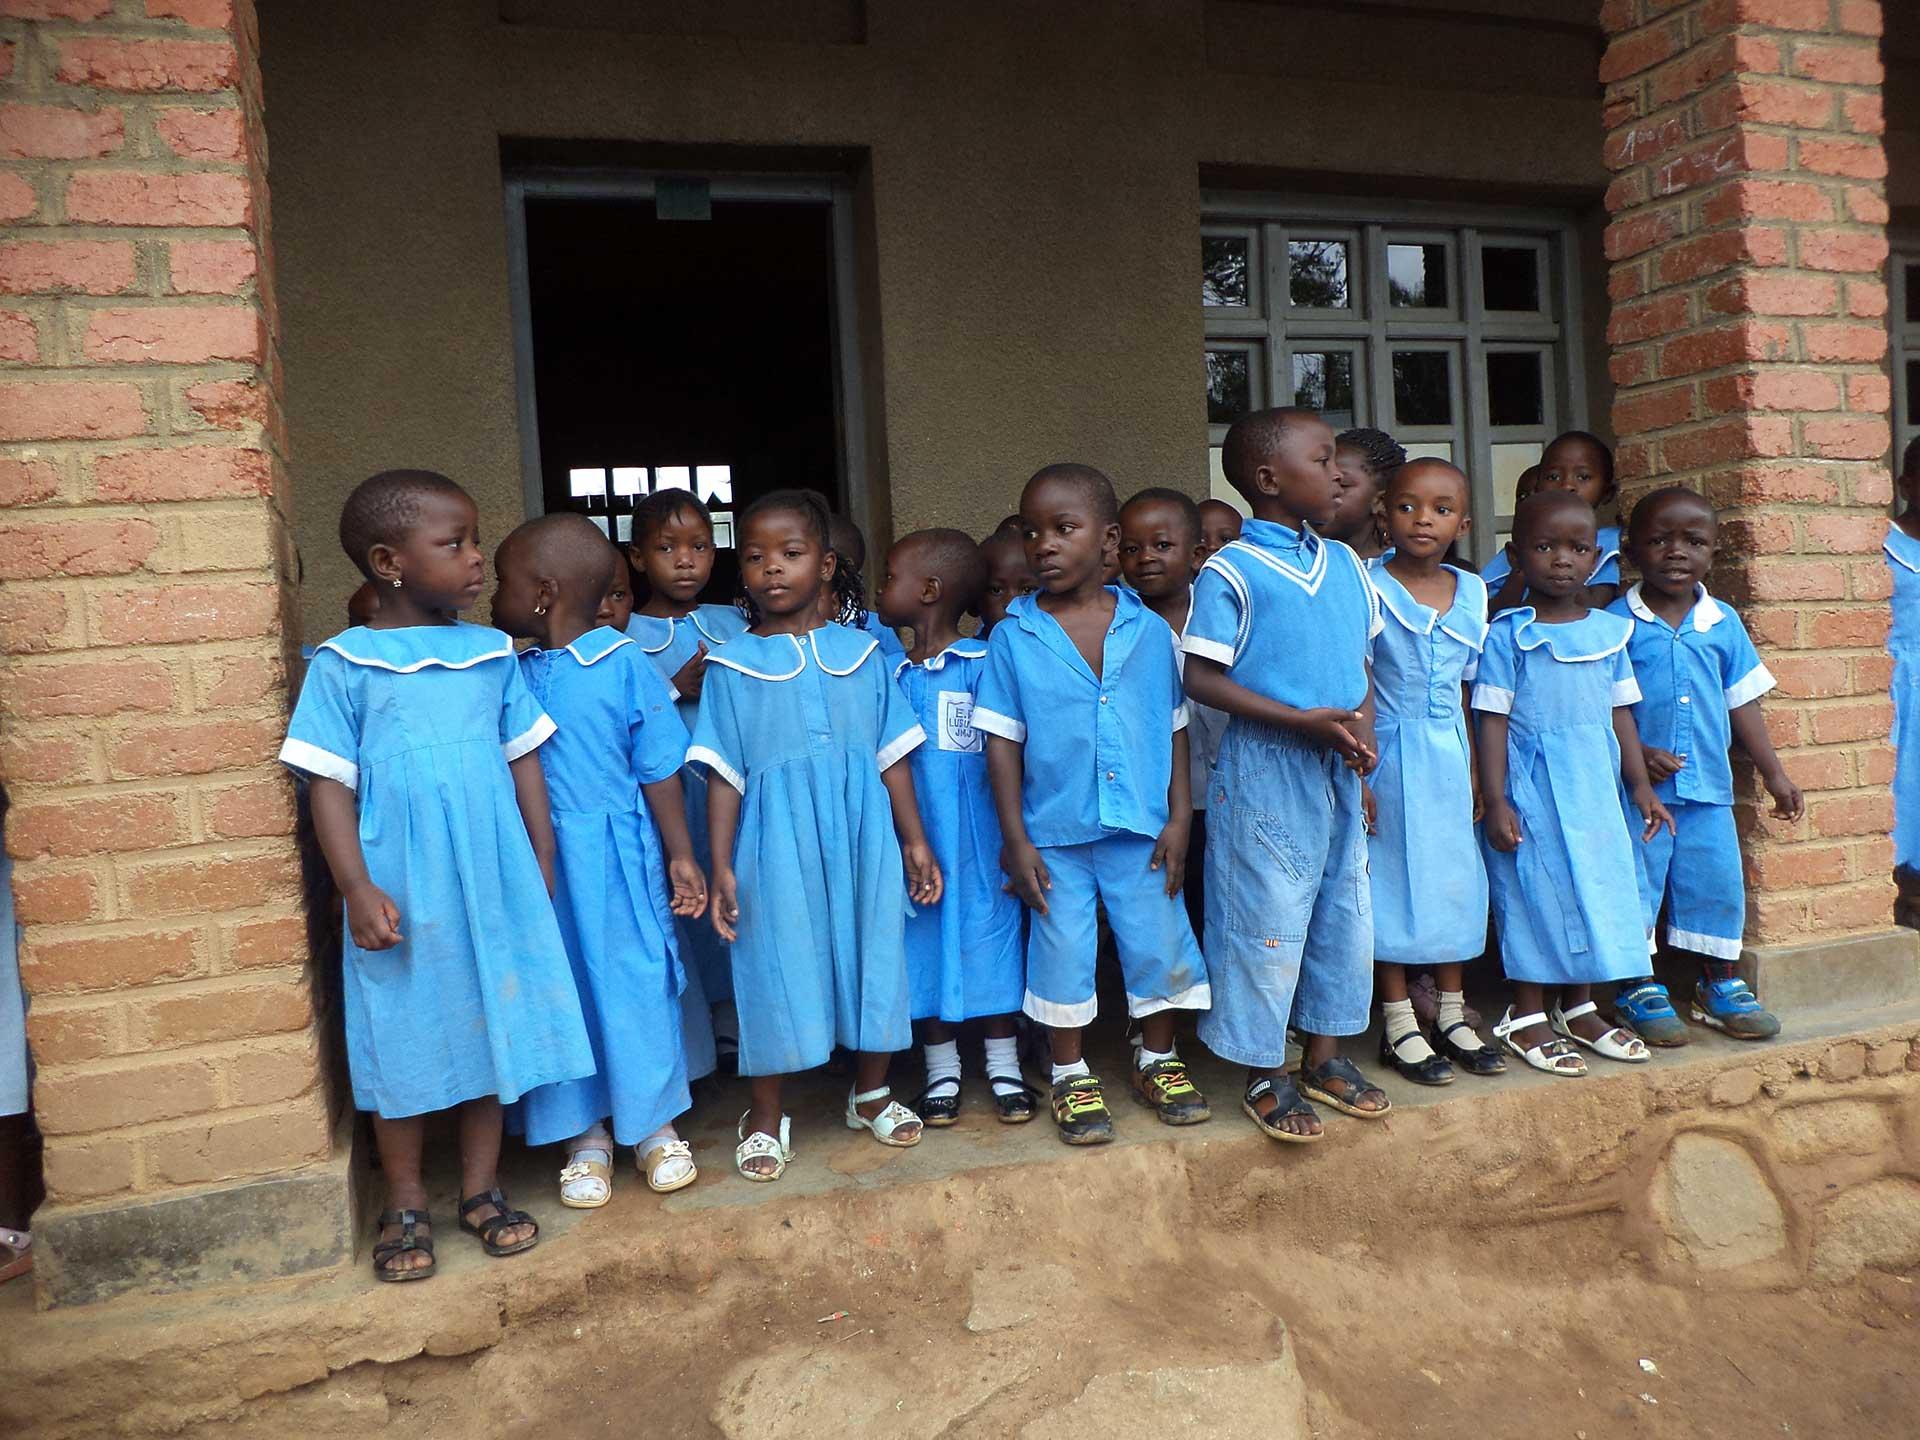 I-bambini-congolesi-accolti-nelle-scuole-della-Sacra-Famiglia-di-Spoleto-web